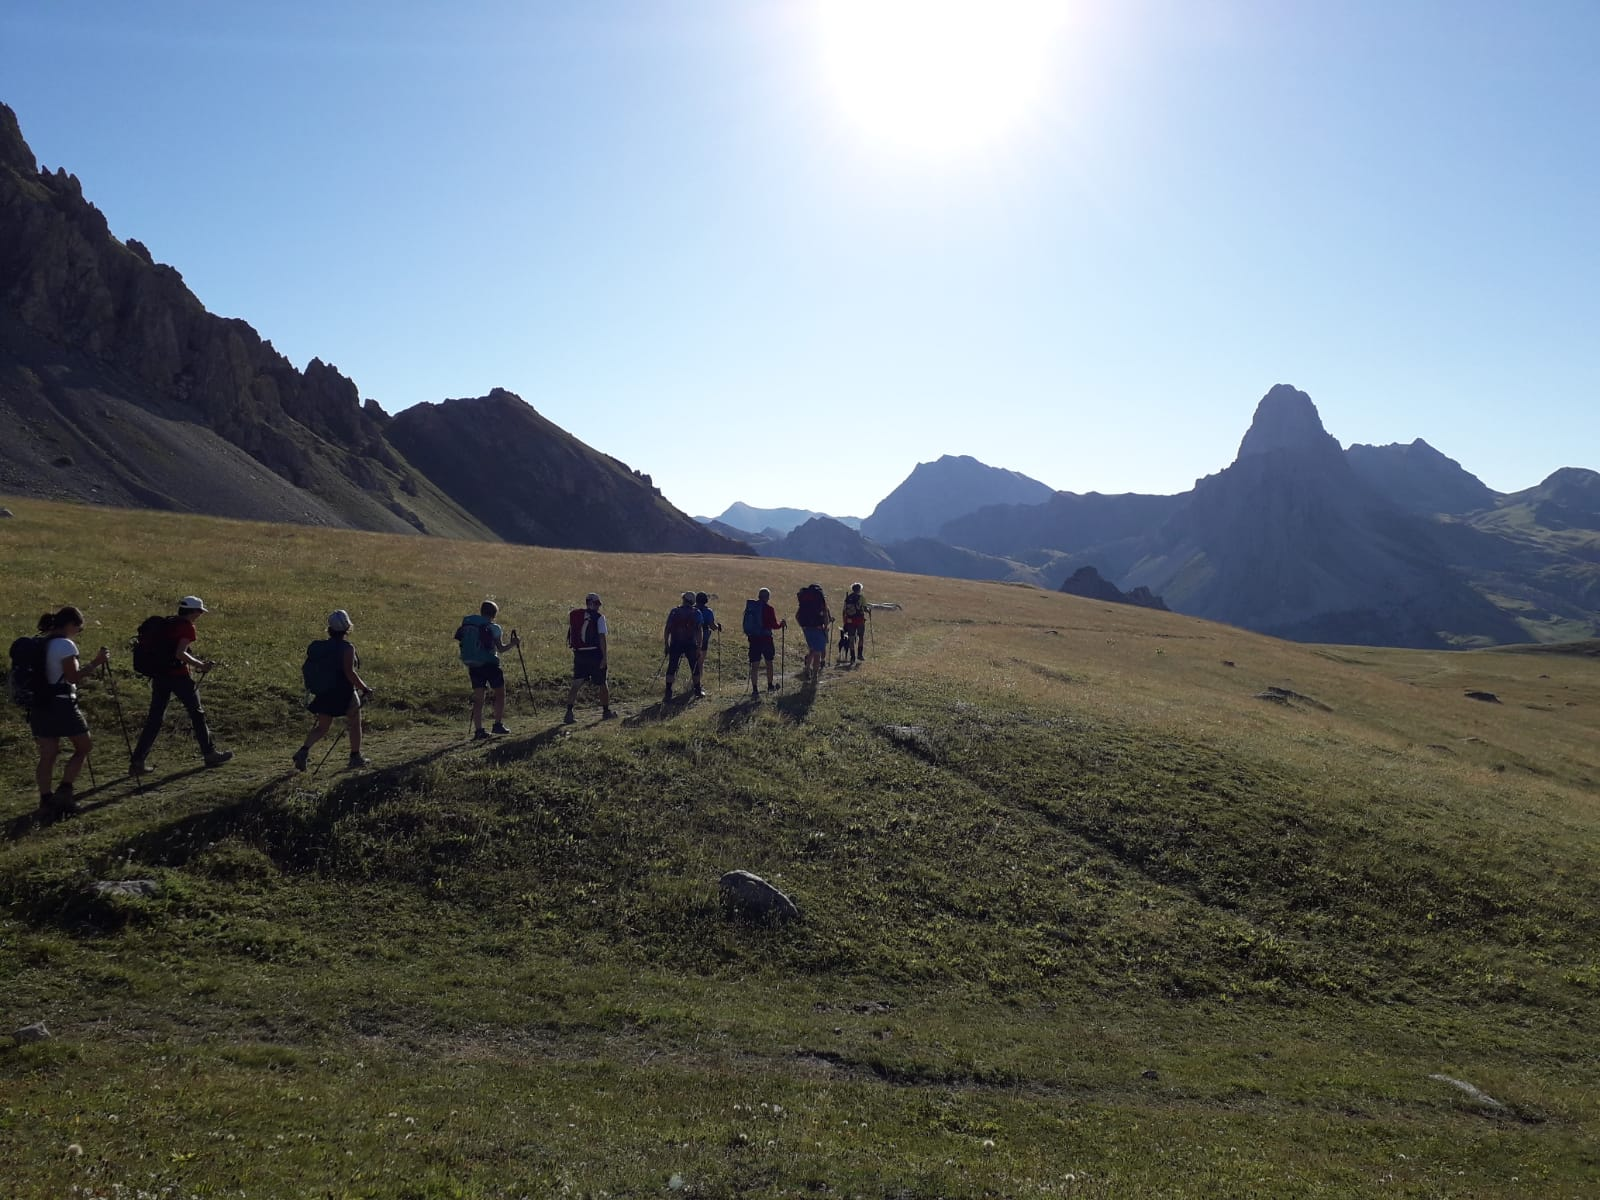 sentiero-occitano-trekkilandia-altopiano-gardetta